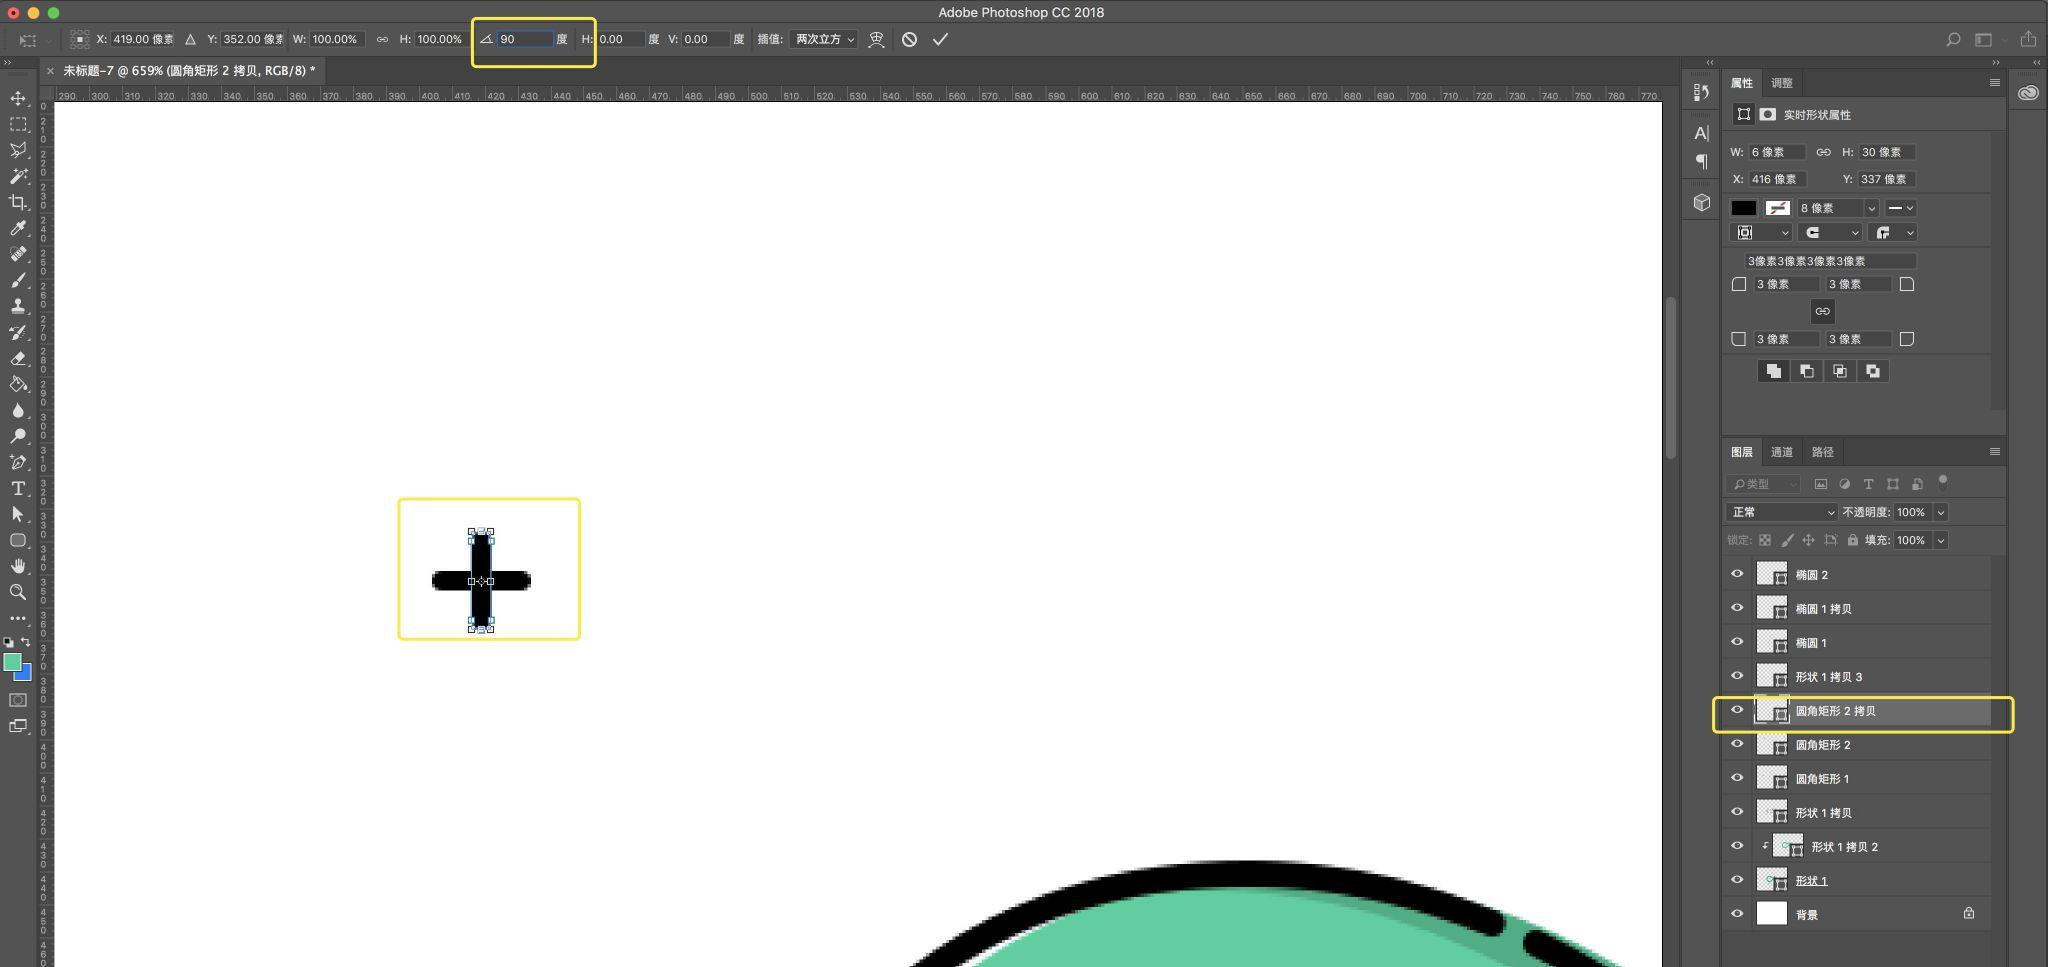 选中刚刚的两个圆角矩形,单击右键,合并形状.图片